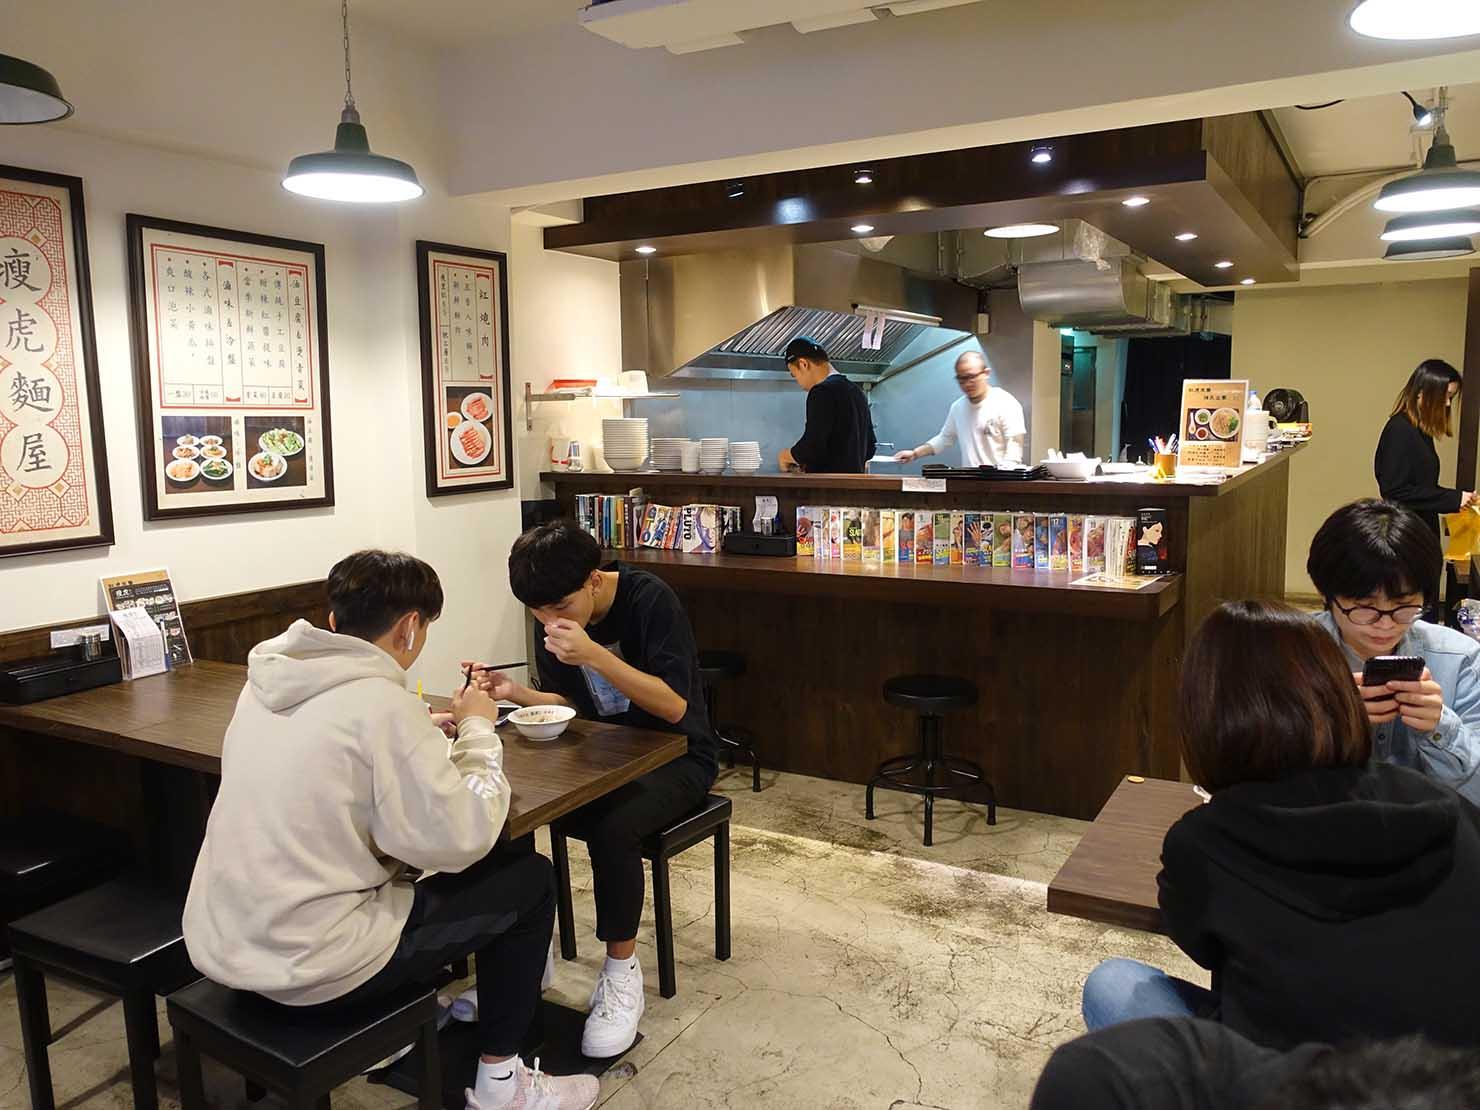 台北・忠孝敦化駅(東區)のおすすめグルメ店「瘦虎麵屋」のテーブル席